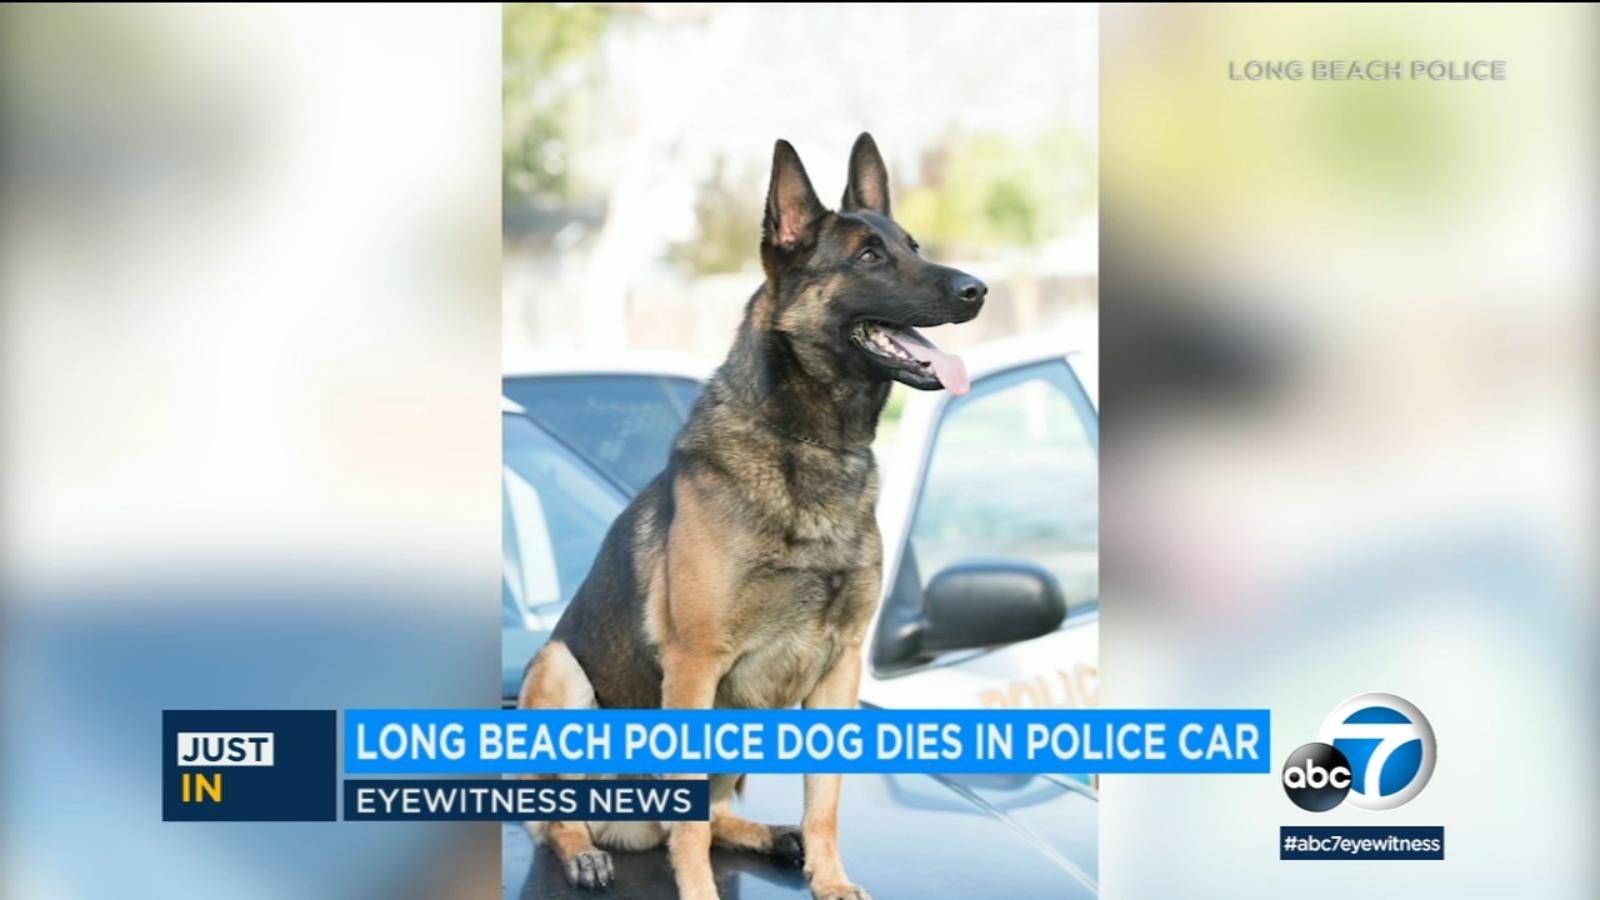 Police dog dies inside department vehicle in Long Beach, Calif.